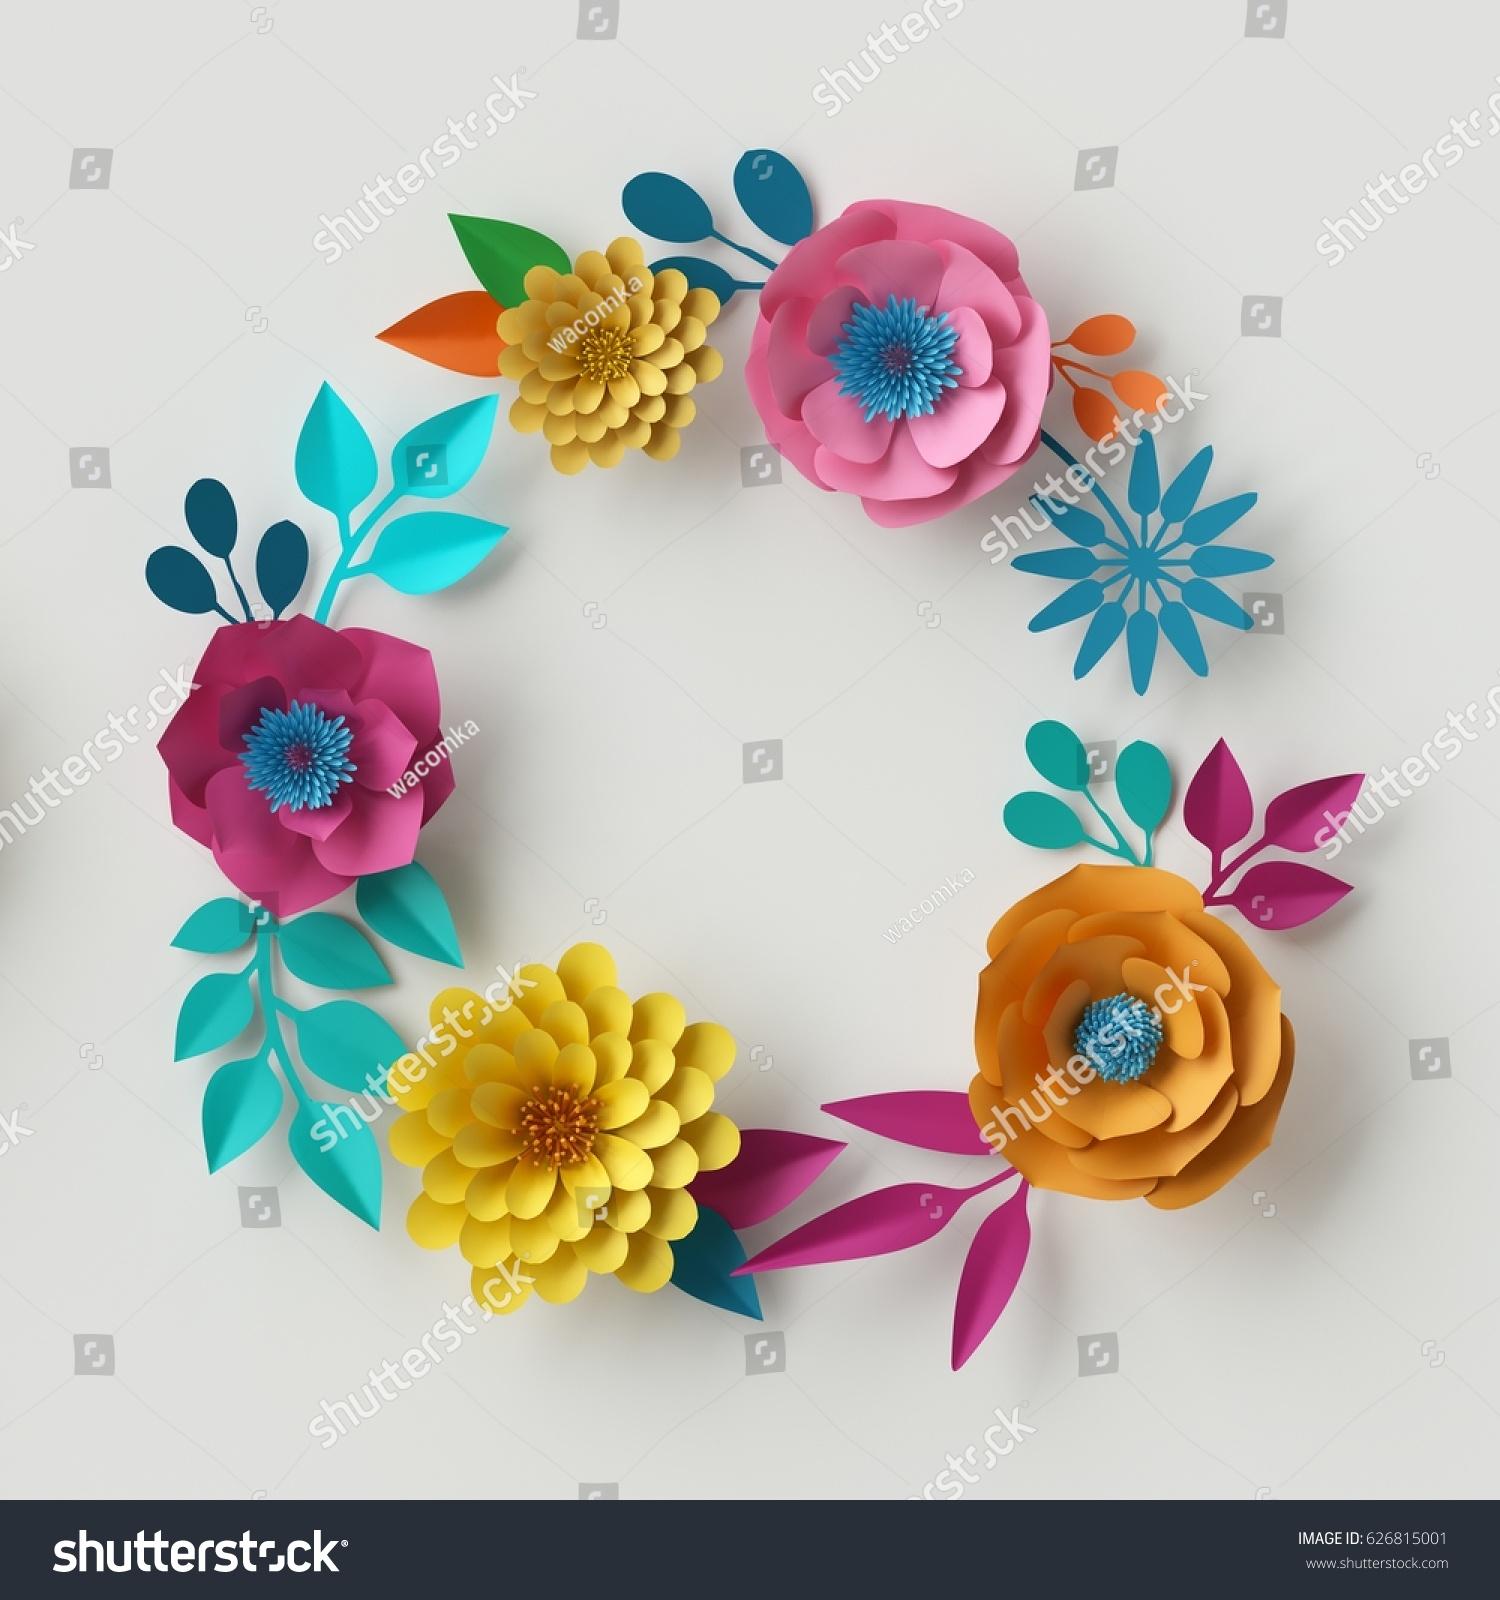 3d Render Digital Illustration Abstract Frame Colorful Paper